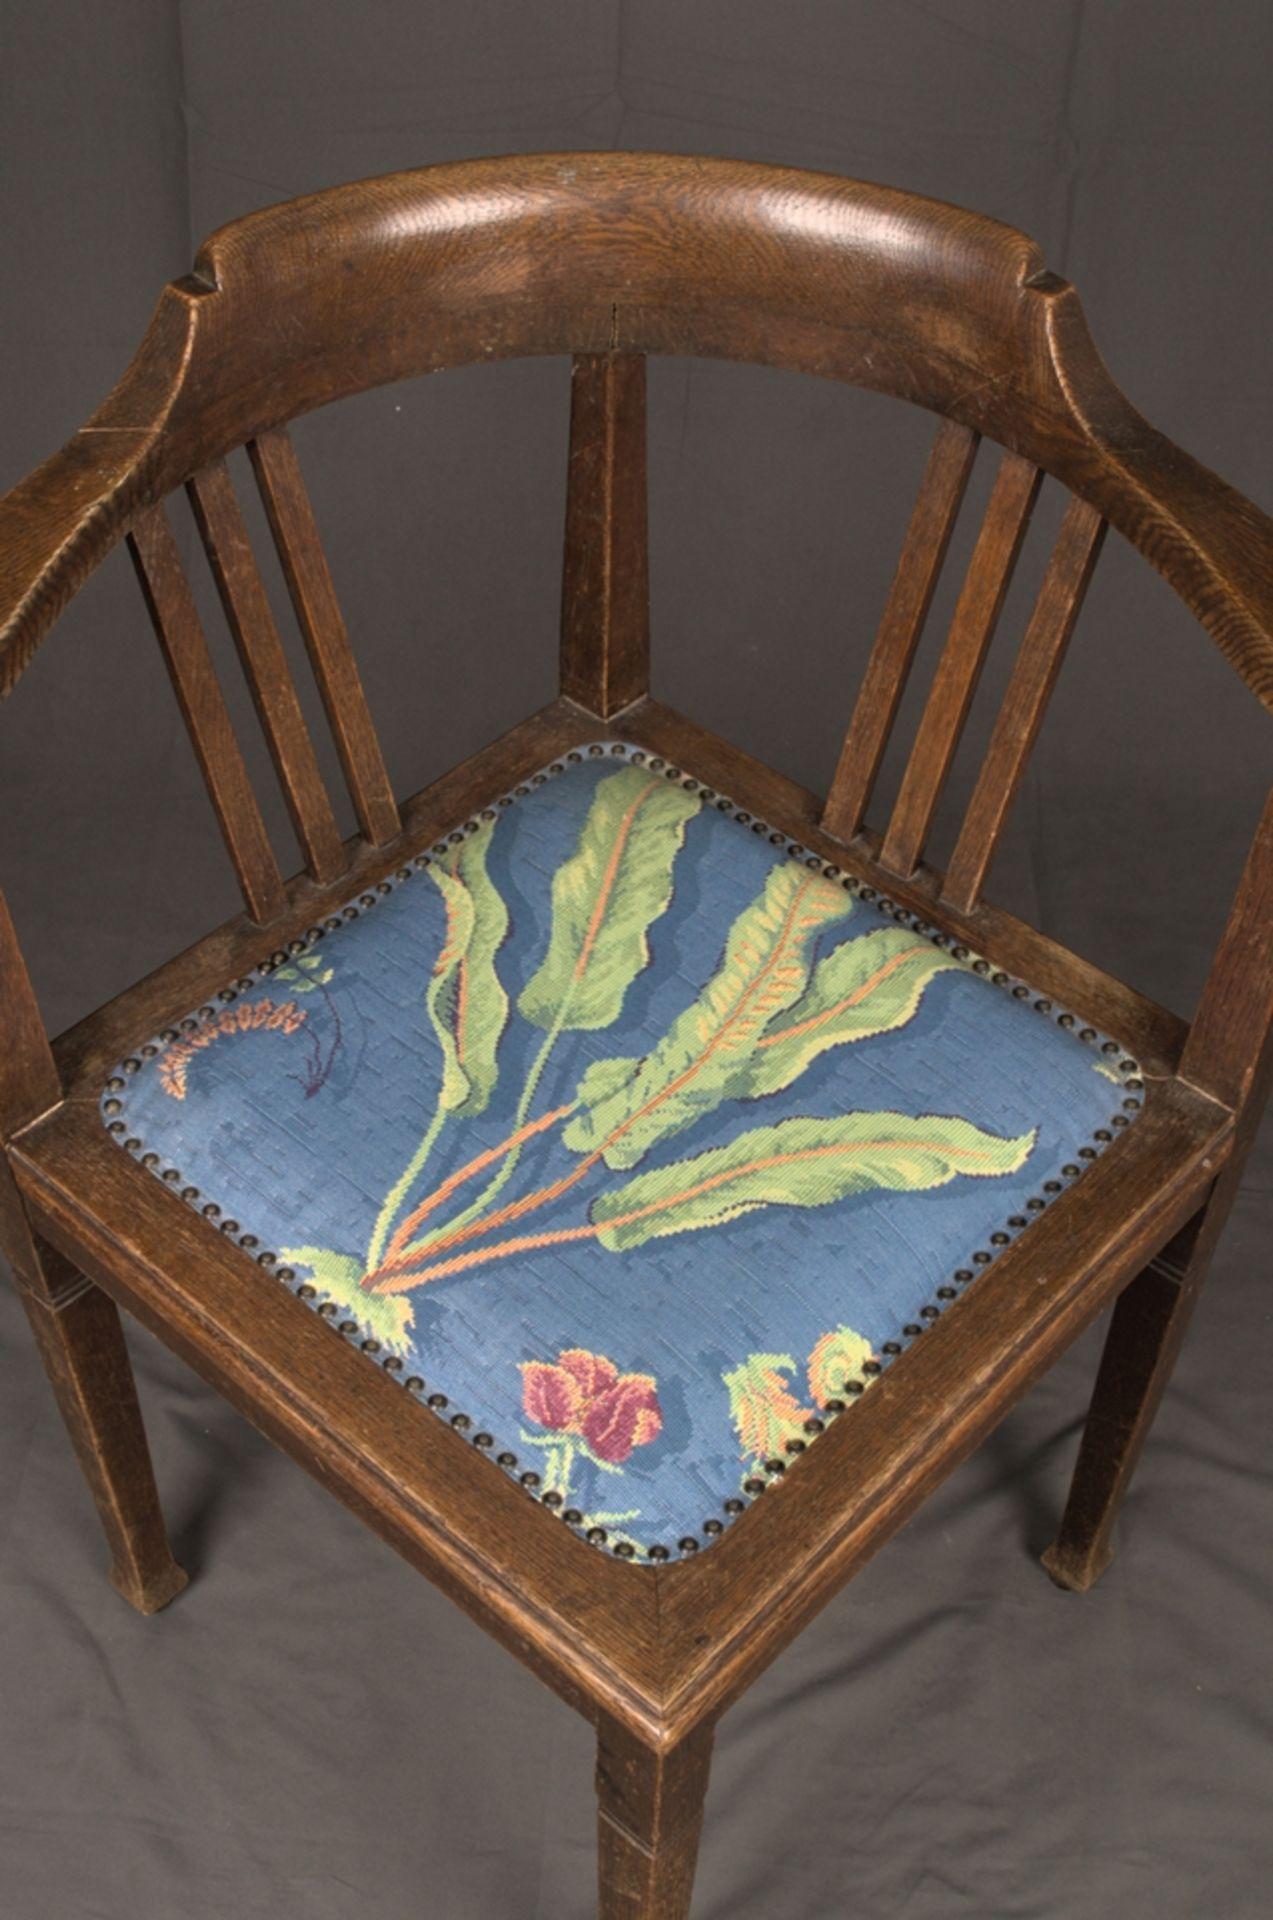 Schreibtischstuhl, Jugendstil deutsch um 1900/20. Eiche massiv, Gestell zu verleimen/unrestaurierter - Bild 6 aus 8